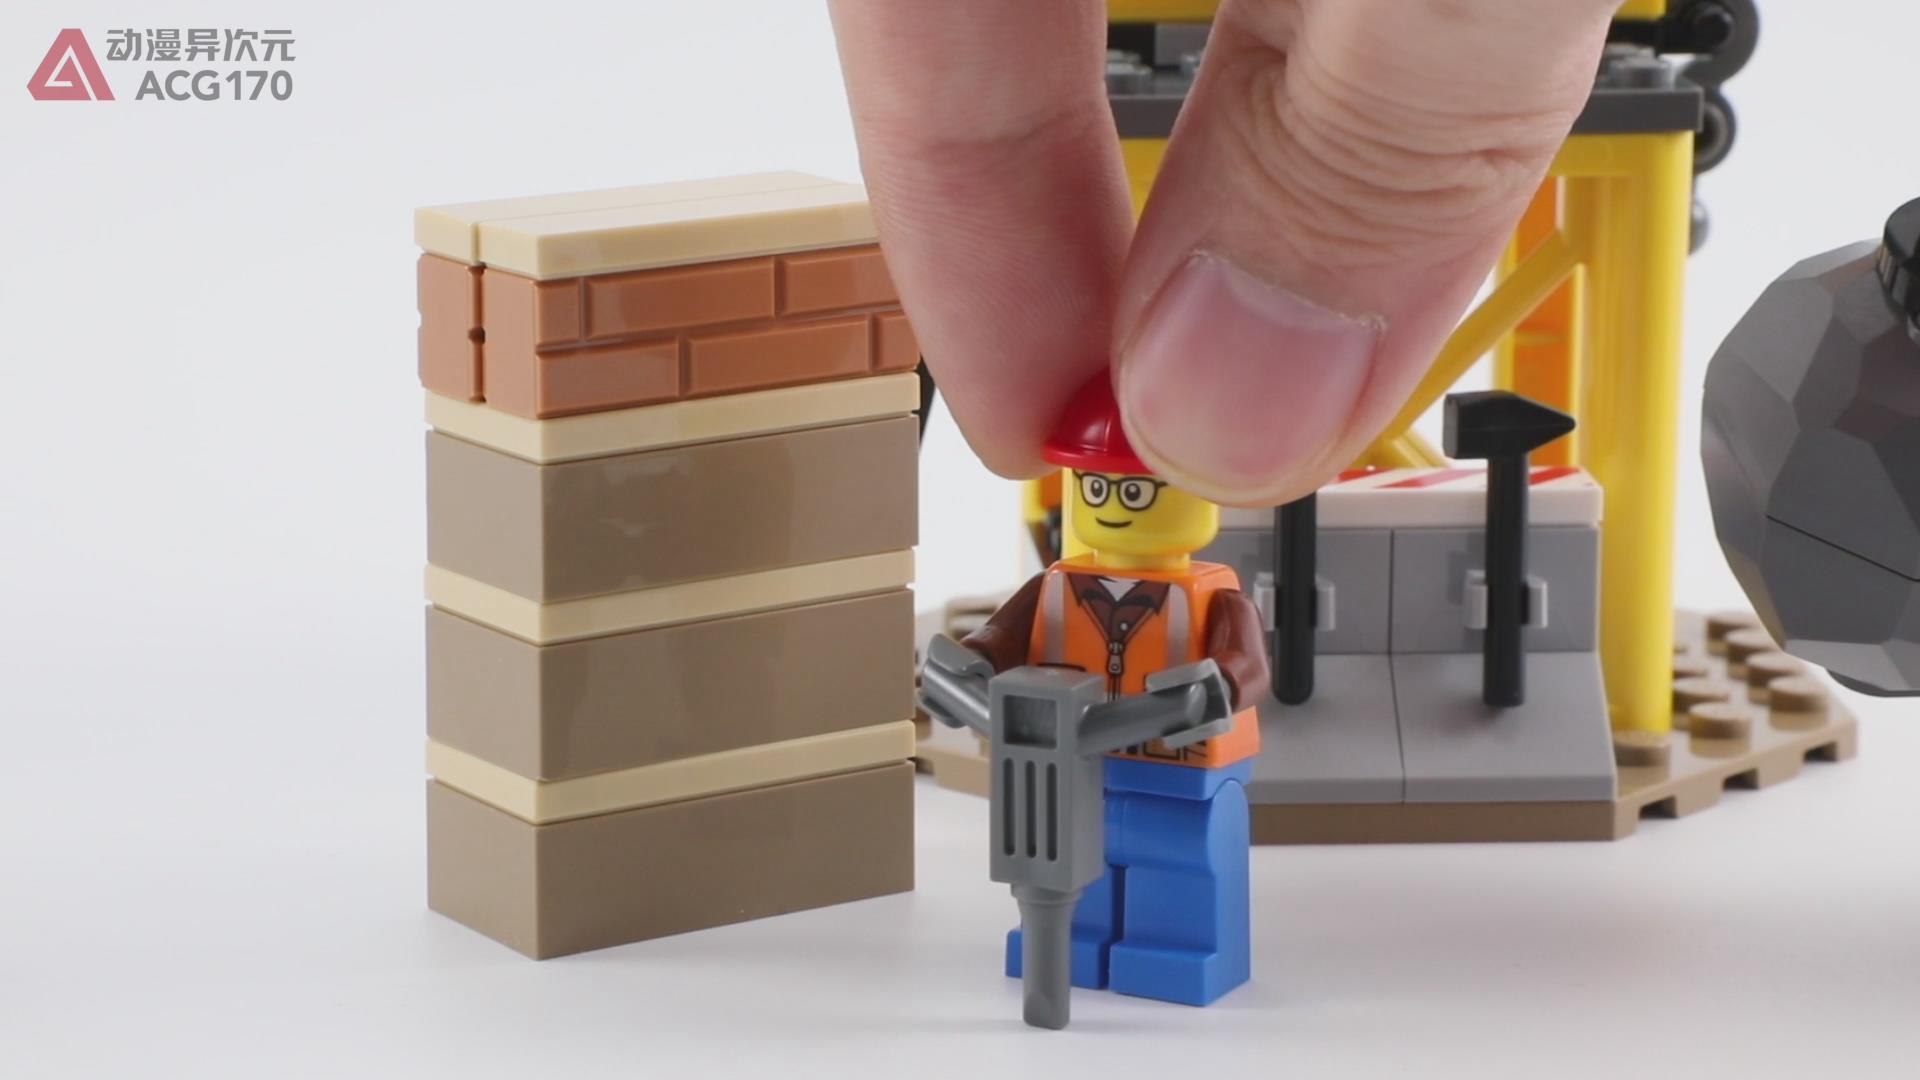 驾驶工程推土机,清理城市废弃墙砖。乐高积木60252城市图文评测